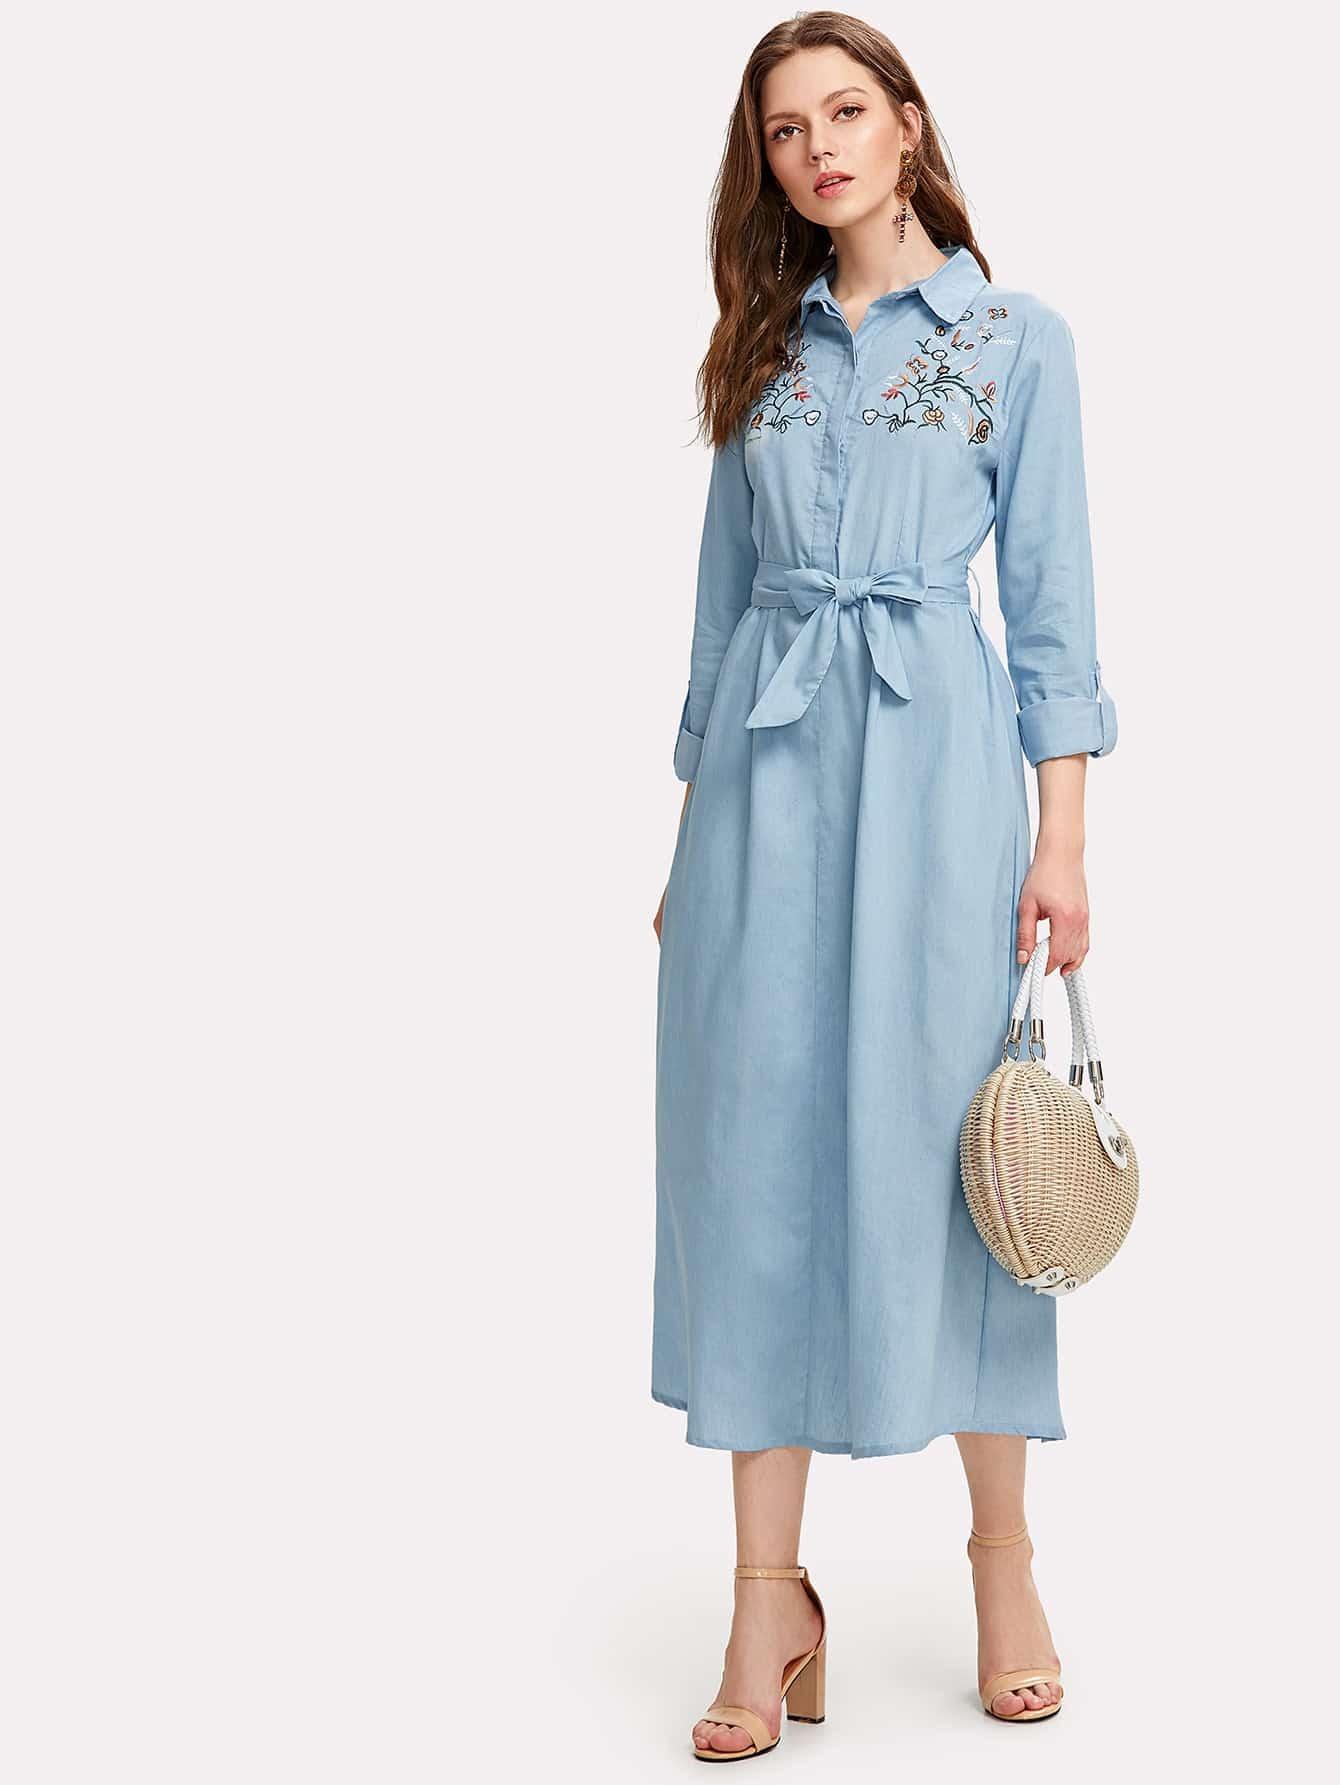 Flower Embroidery Self Belted Shirt Dress pu belted tartan shirt